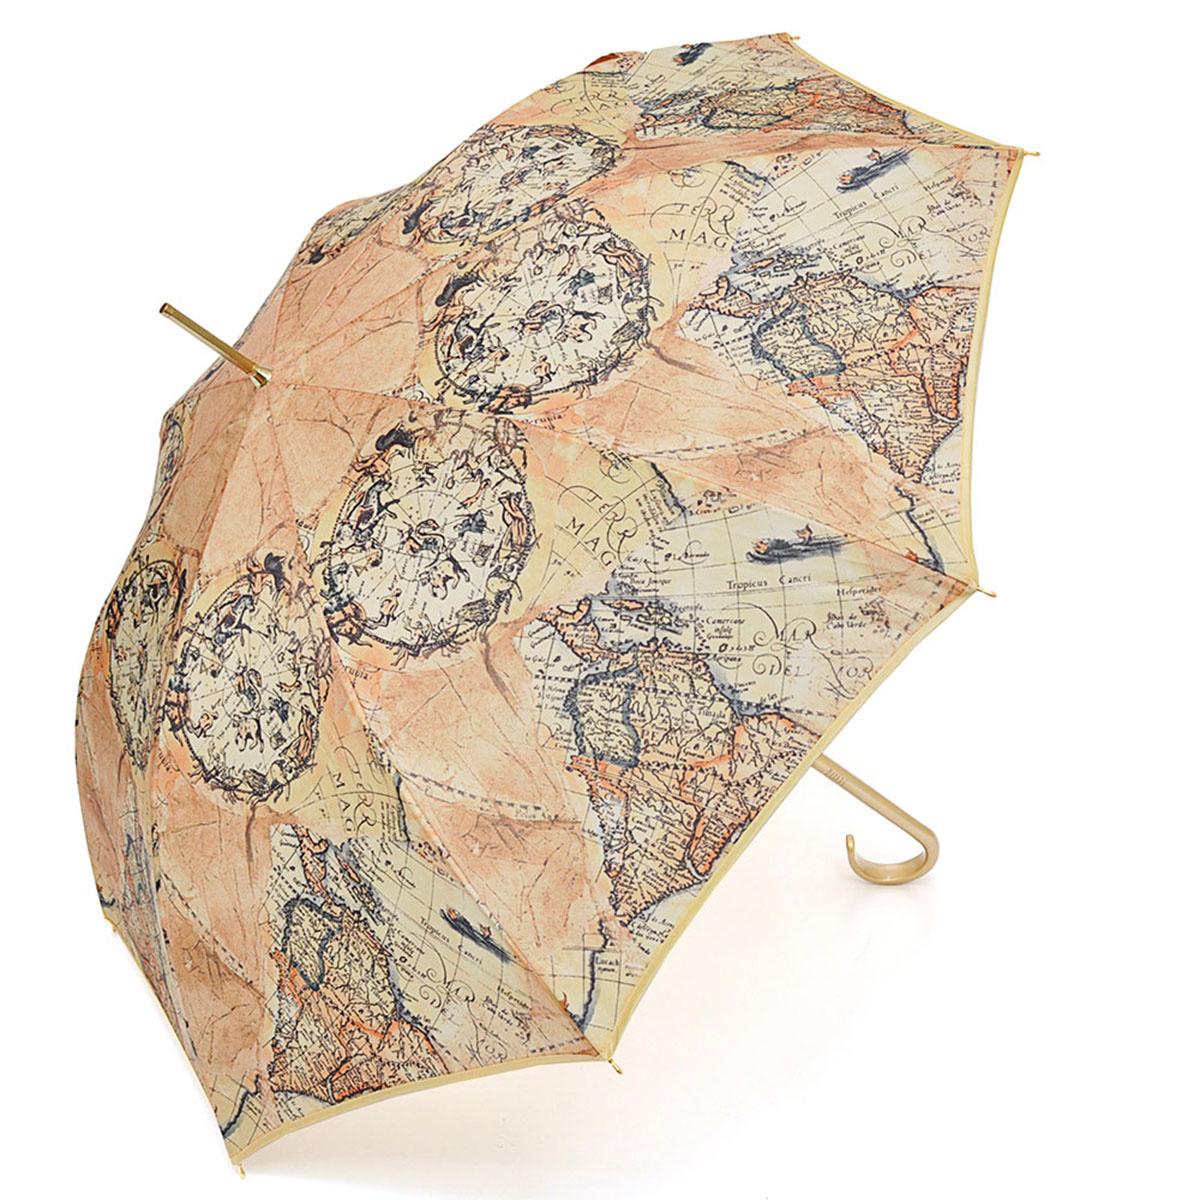 Зонт-трость женский Stilla, цвет: бежевый. 680/2 auto680/2 autoЗонт-трость Stilla надежно защитит вас от дождя. Купол, оформленный оригинальным принтом, выполнен из высококачественного ПВХ, который не пропускает воду. Каркас зонта и спицы выполнены из высококарбонистой стали. Зонт имеет автоматический тип сложения: открывается и закрывается при нажатии на кнопку. Удобная ручка выполнена из пластика.